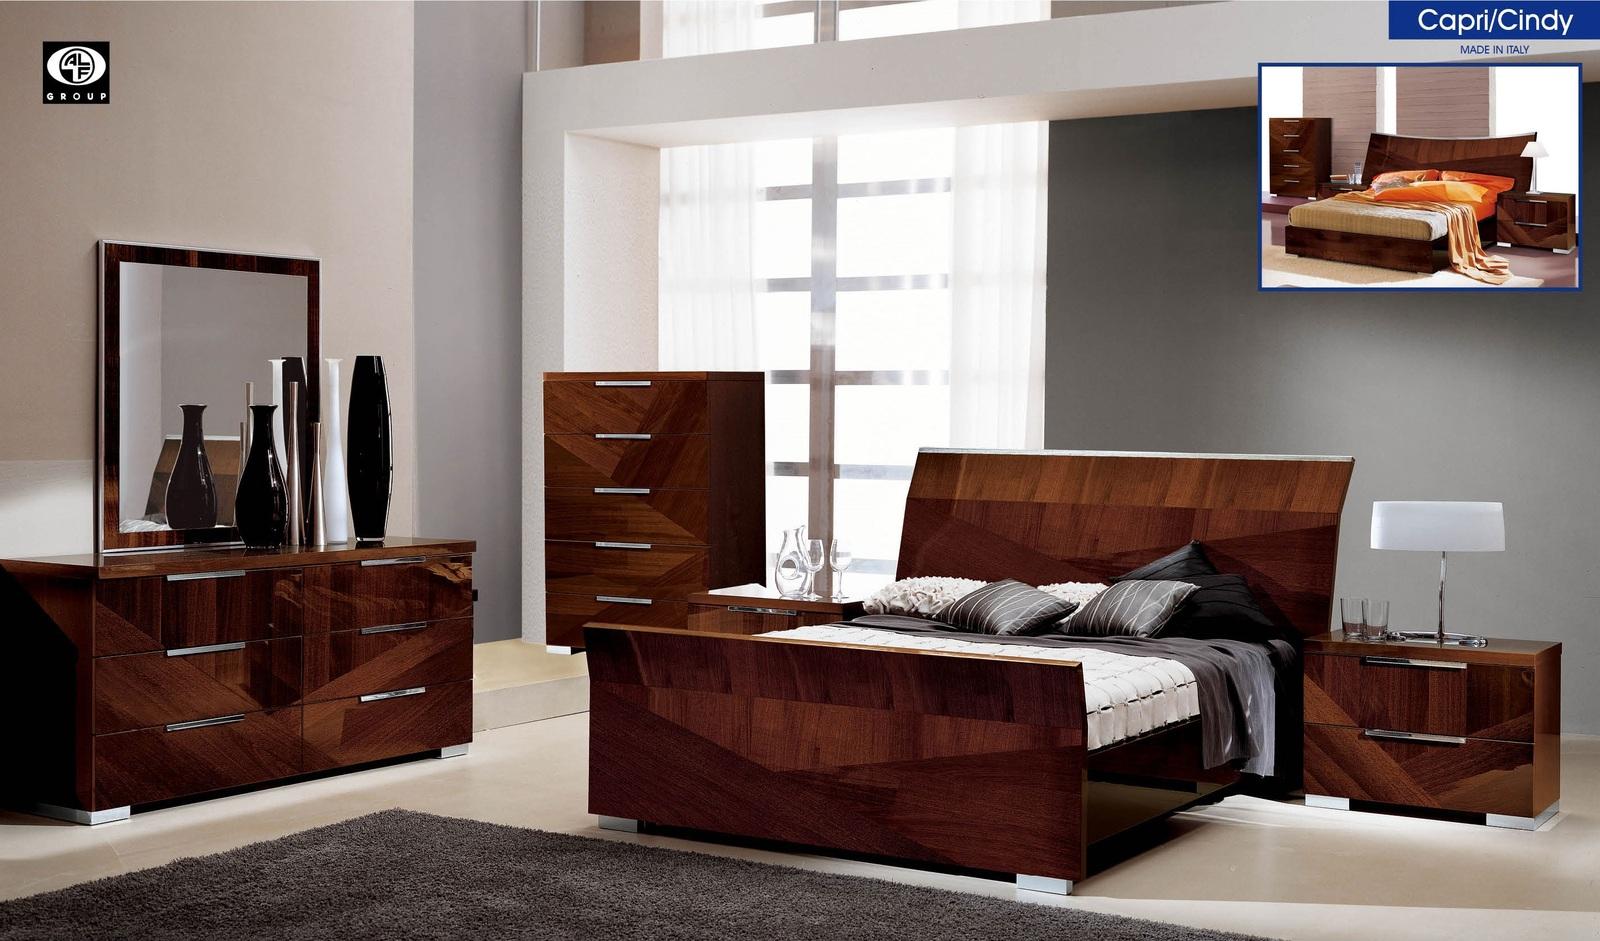 ESF Alf Capri Bedroom Set Capri or Cindy Queen Bed Modern Contemporary Italy